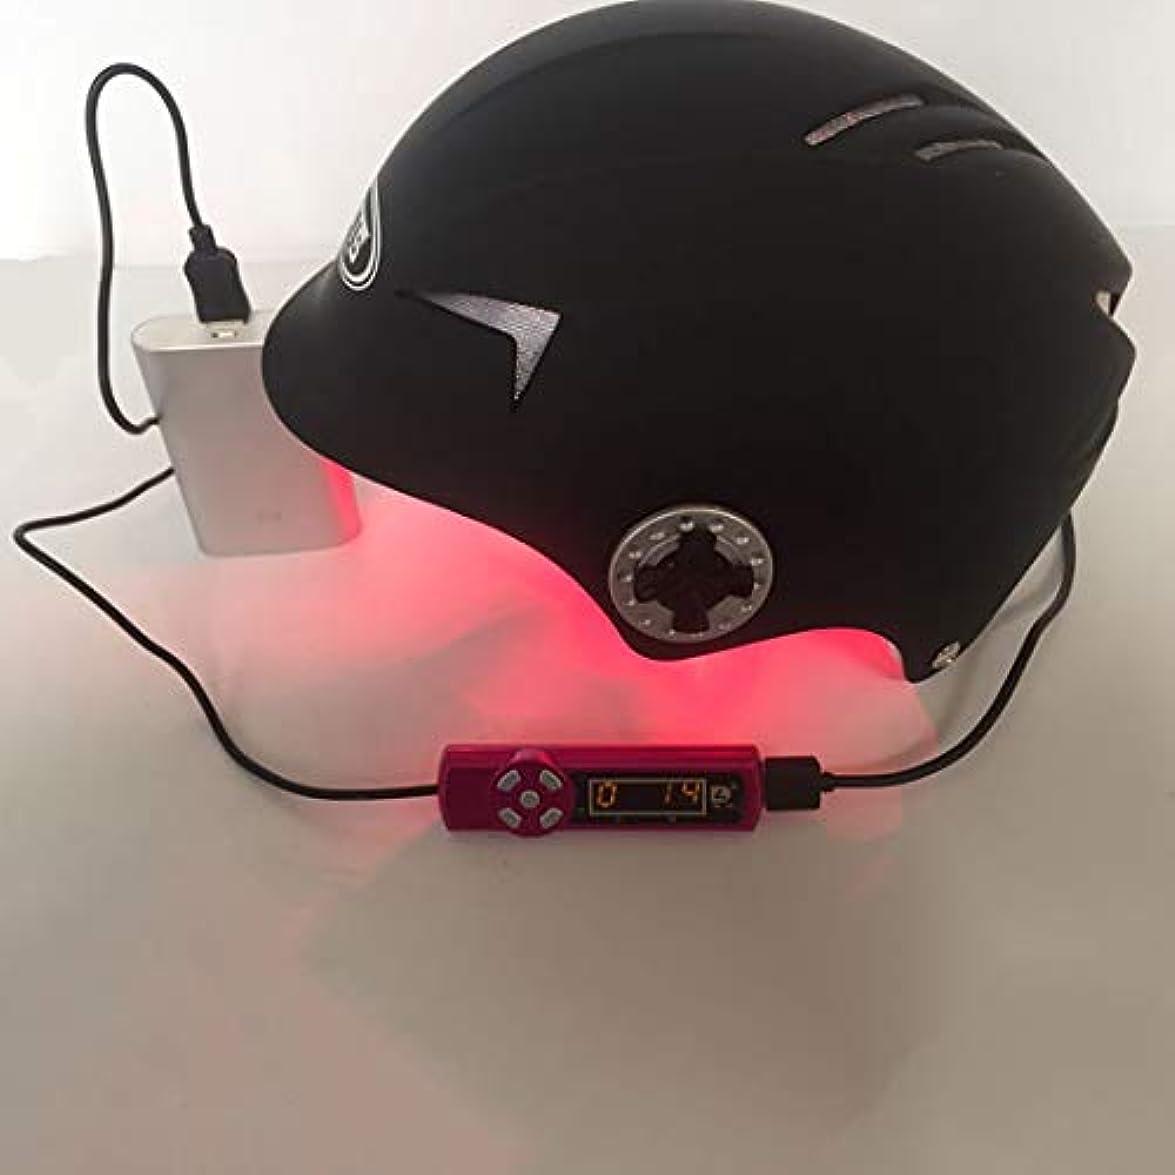 宇宙船航海着実にレーザーの毛の成長ヘルメット抜け毛を防ぎ発毛キャップマッサージ、発毛トリートメント機器を推進[バージョンアップグレード](64灯)